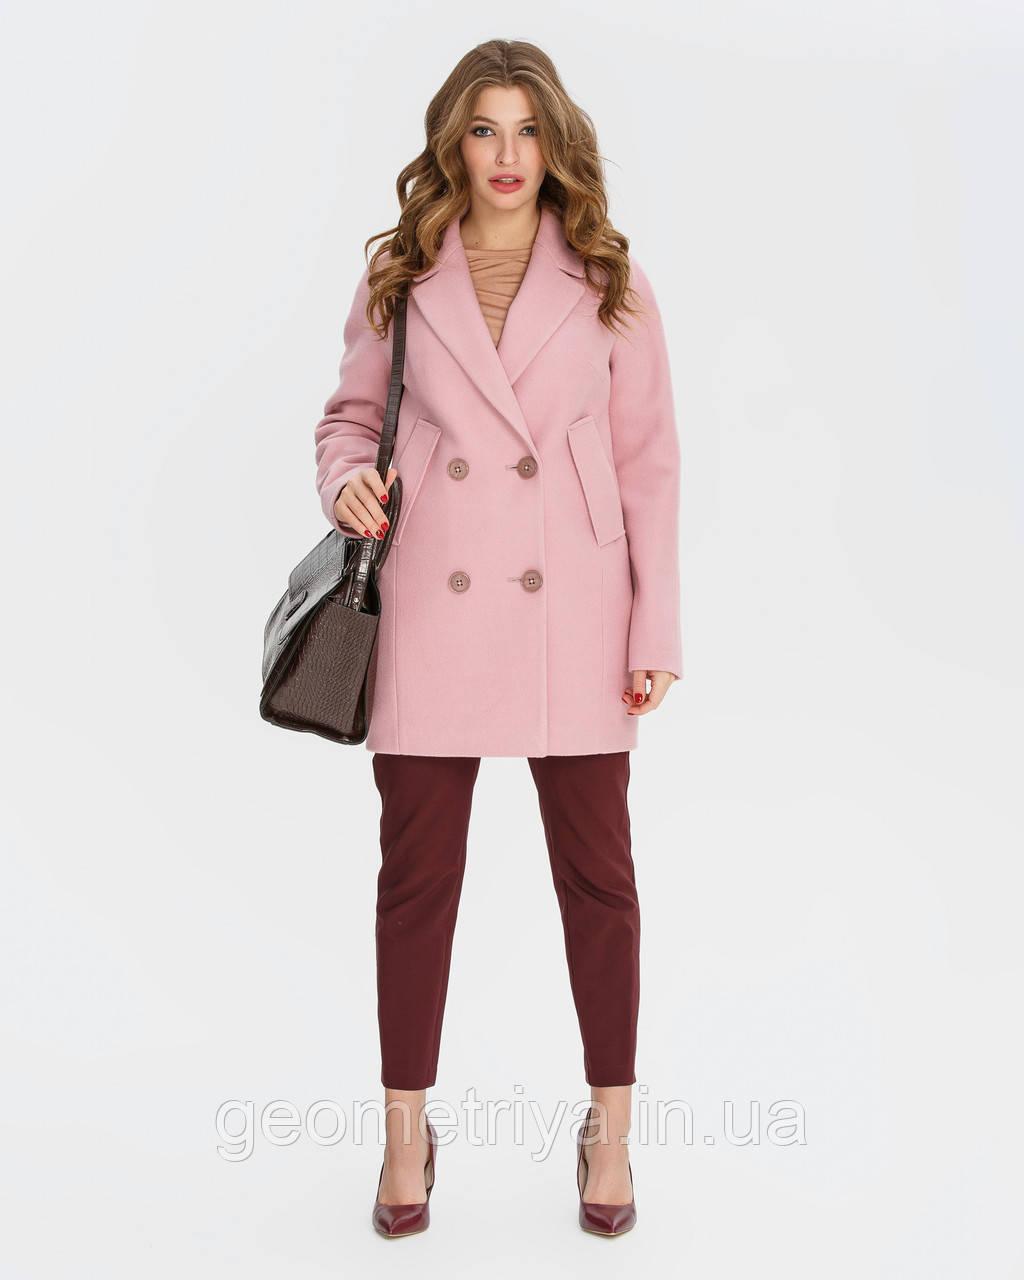 a9265f8ccc2 Женское весеннее пальто розового цвета  продажа